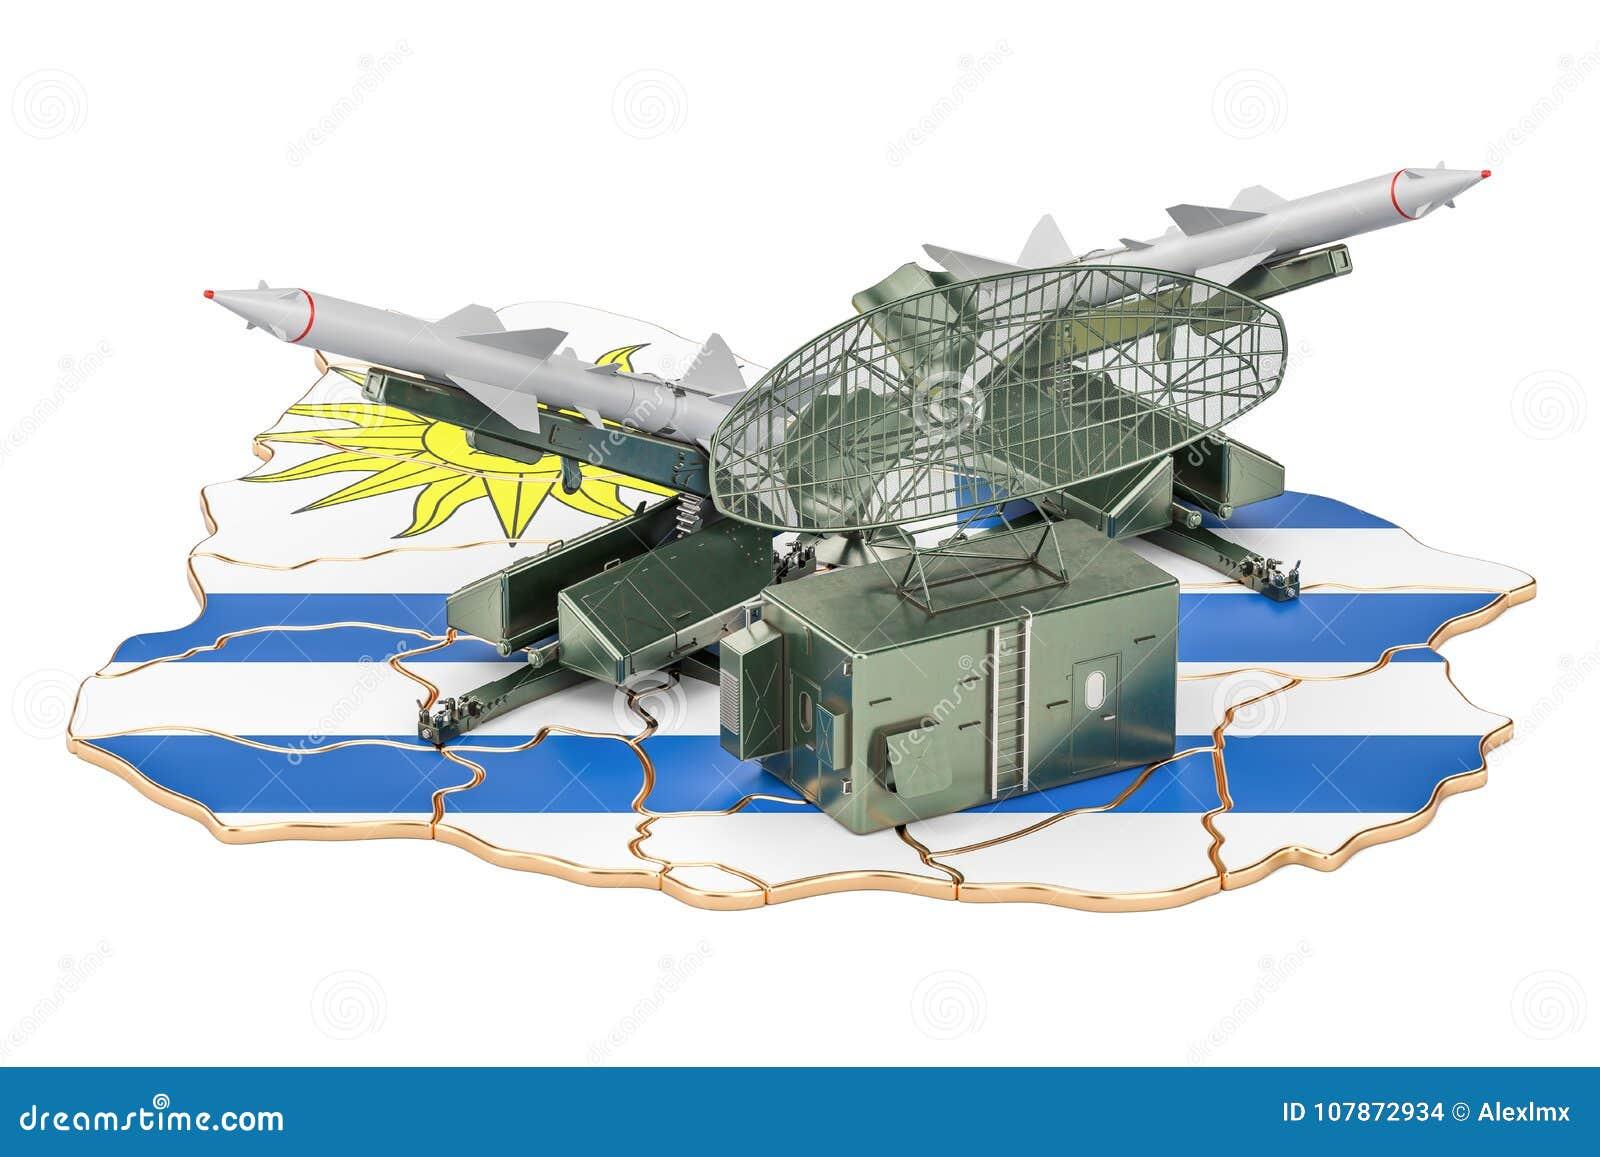 乌拉圭导弹防御系统概念, 3D翻译